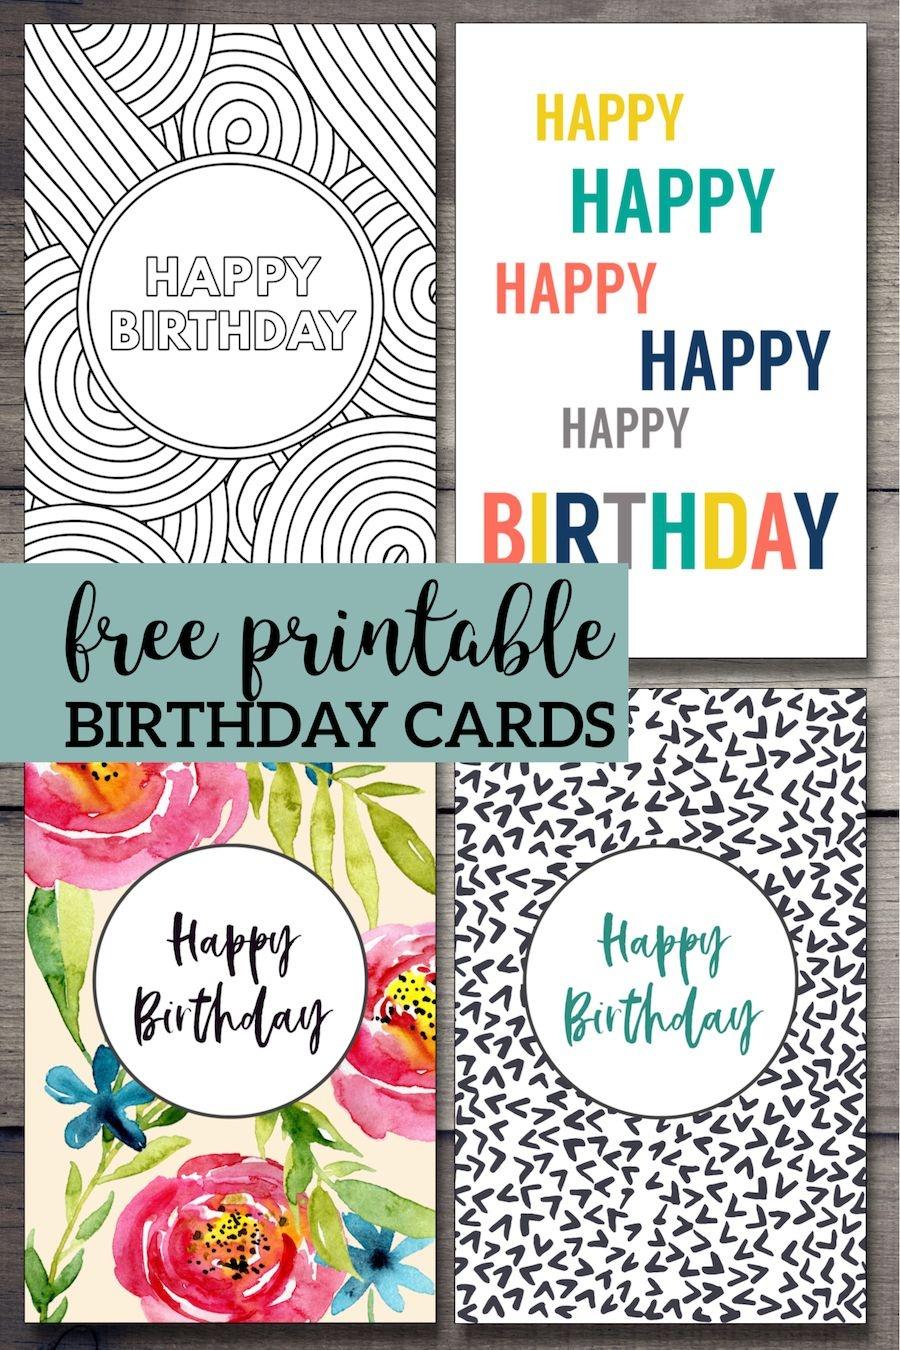 Free Printable Birthday Cards | Birthday Cards | Free Printable - Free Printable Birthday Cards For Adults